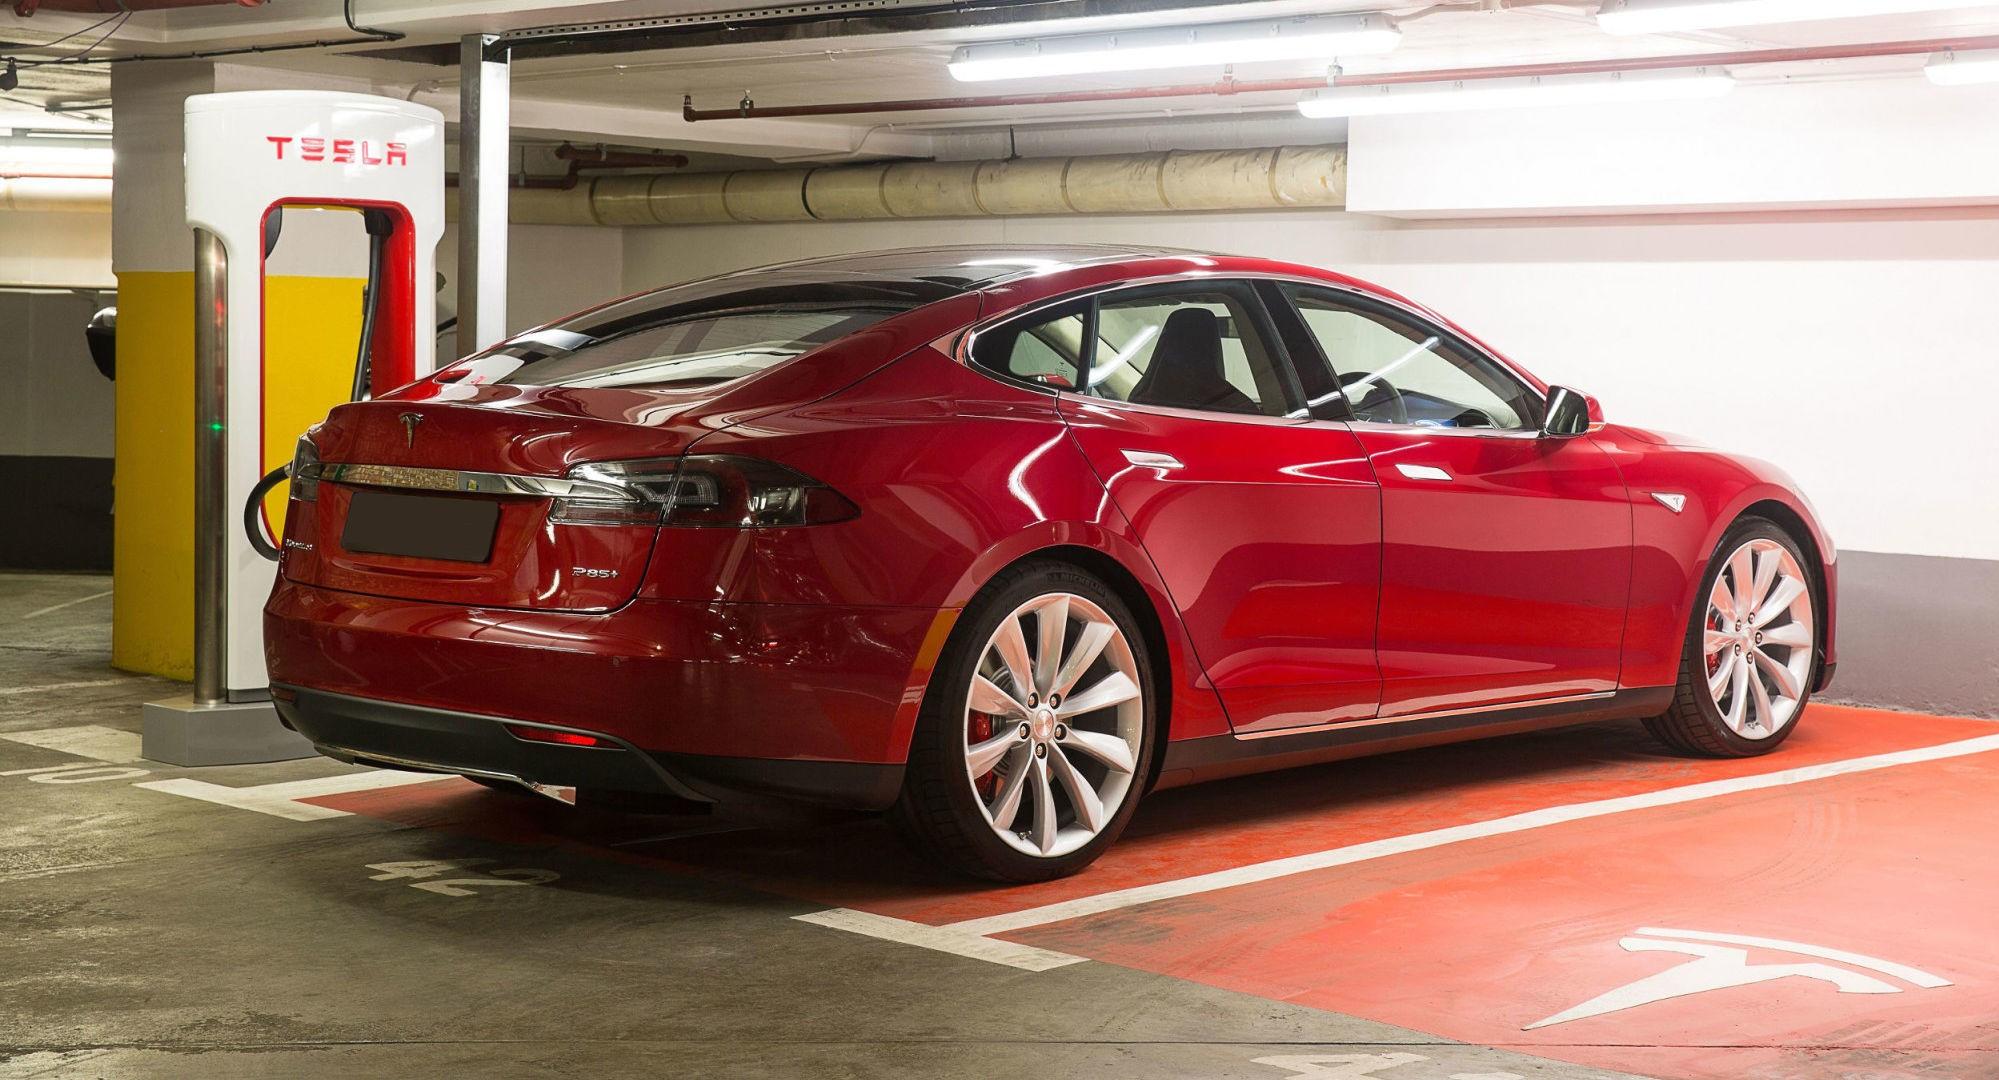 SKILLER SEG UT: Tesla er det eneste på markedet som ikke tilbyr kapasitetsgaranti på batteriene sine. Det sender produsenten til bunns av Forbrukerrådets kåring av de beste garantiordningene for elbil i Norge.